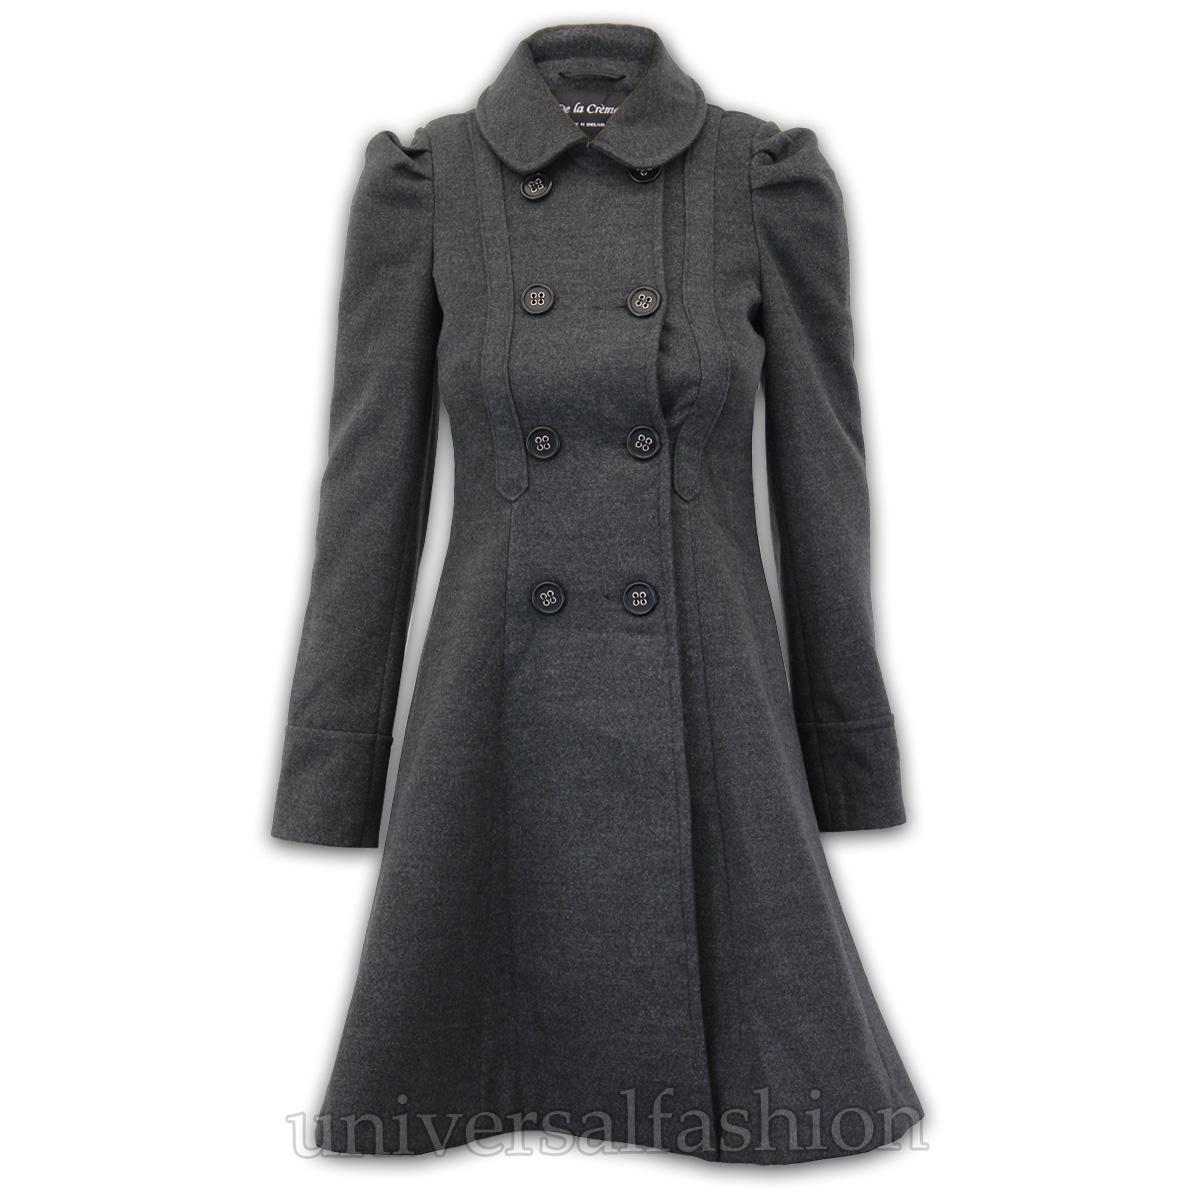 damen mantel wolle look office zweireihig italienischen stils skirter winter ebay. Black Bedroom Furniture Sets. Home Design Ideas